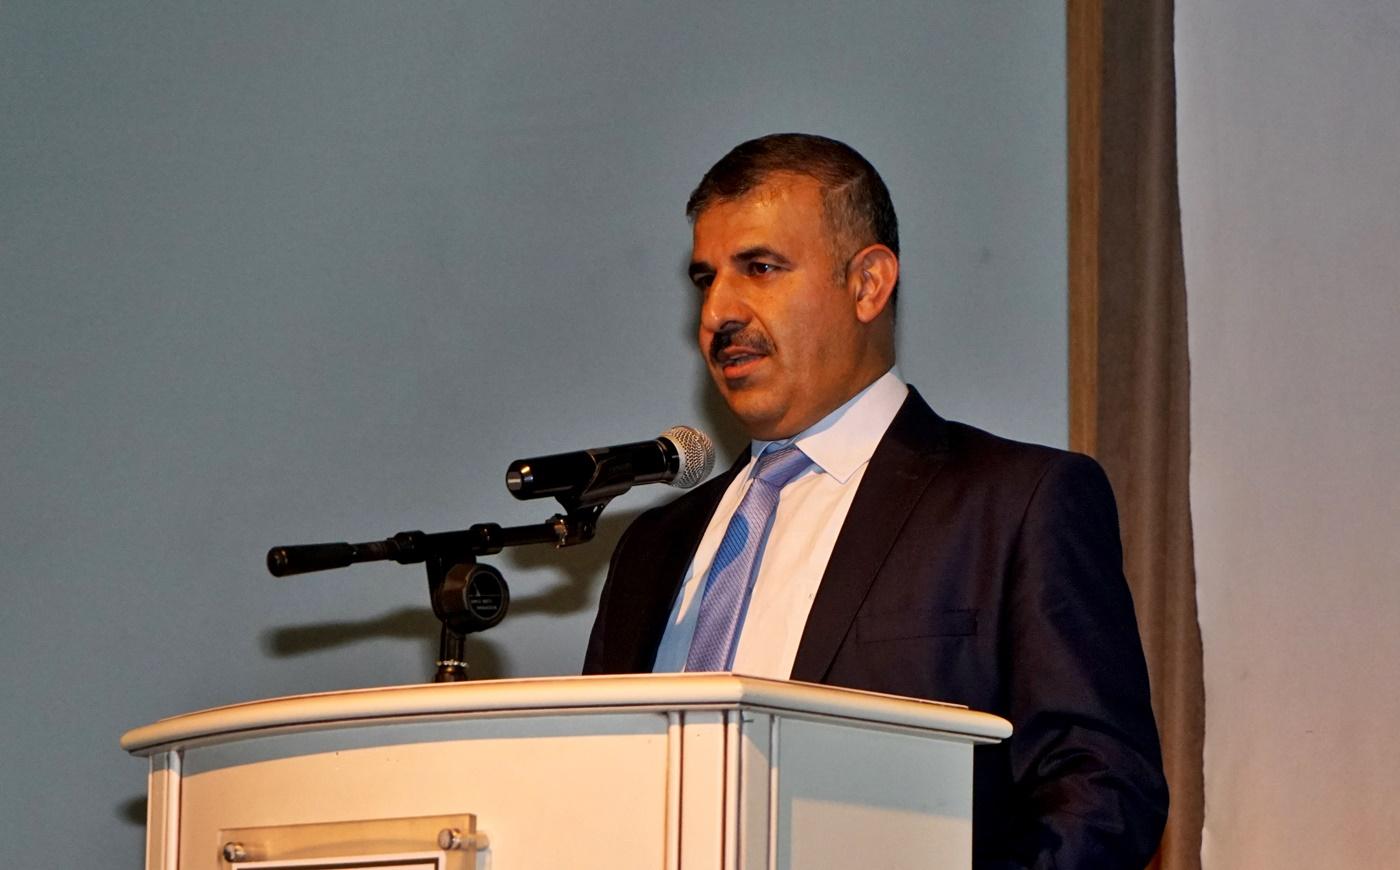 Demokratikleşme Bağlamında 15 Temmuz Direnişinin Önemi ve Anlamı Konferansı Gerçekleştirildi